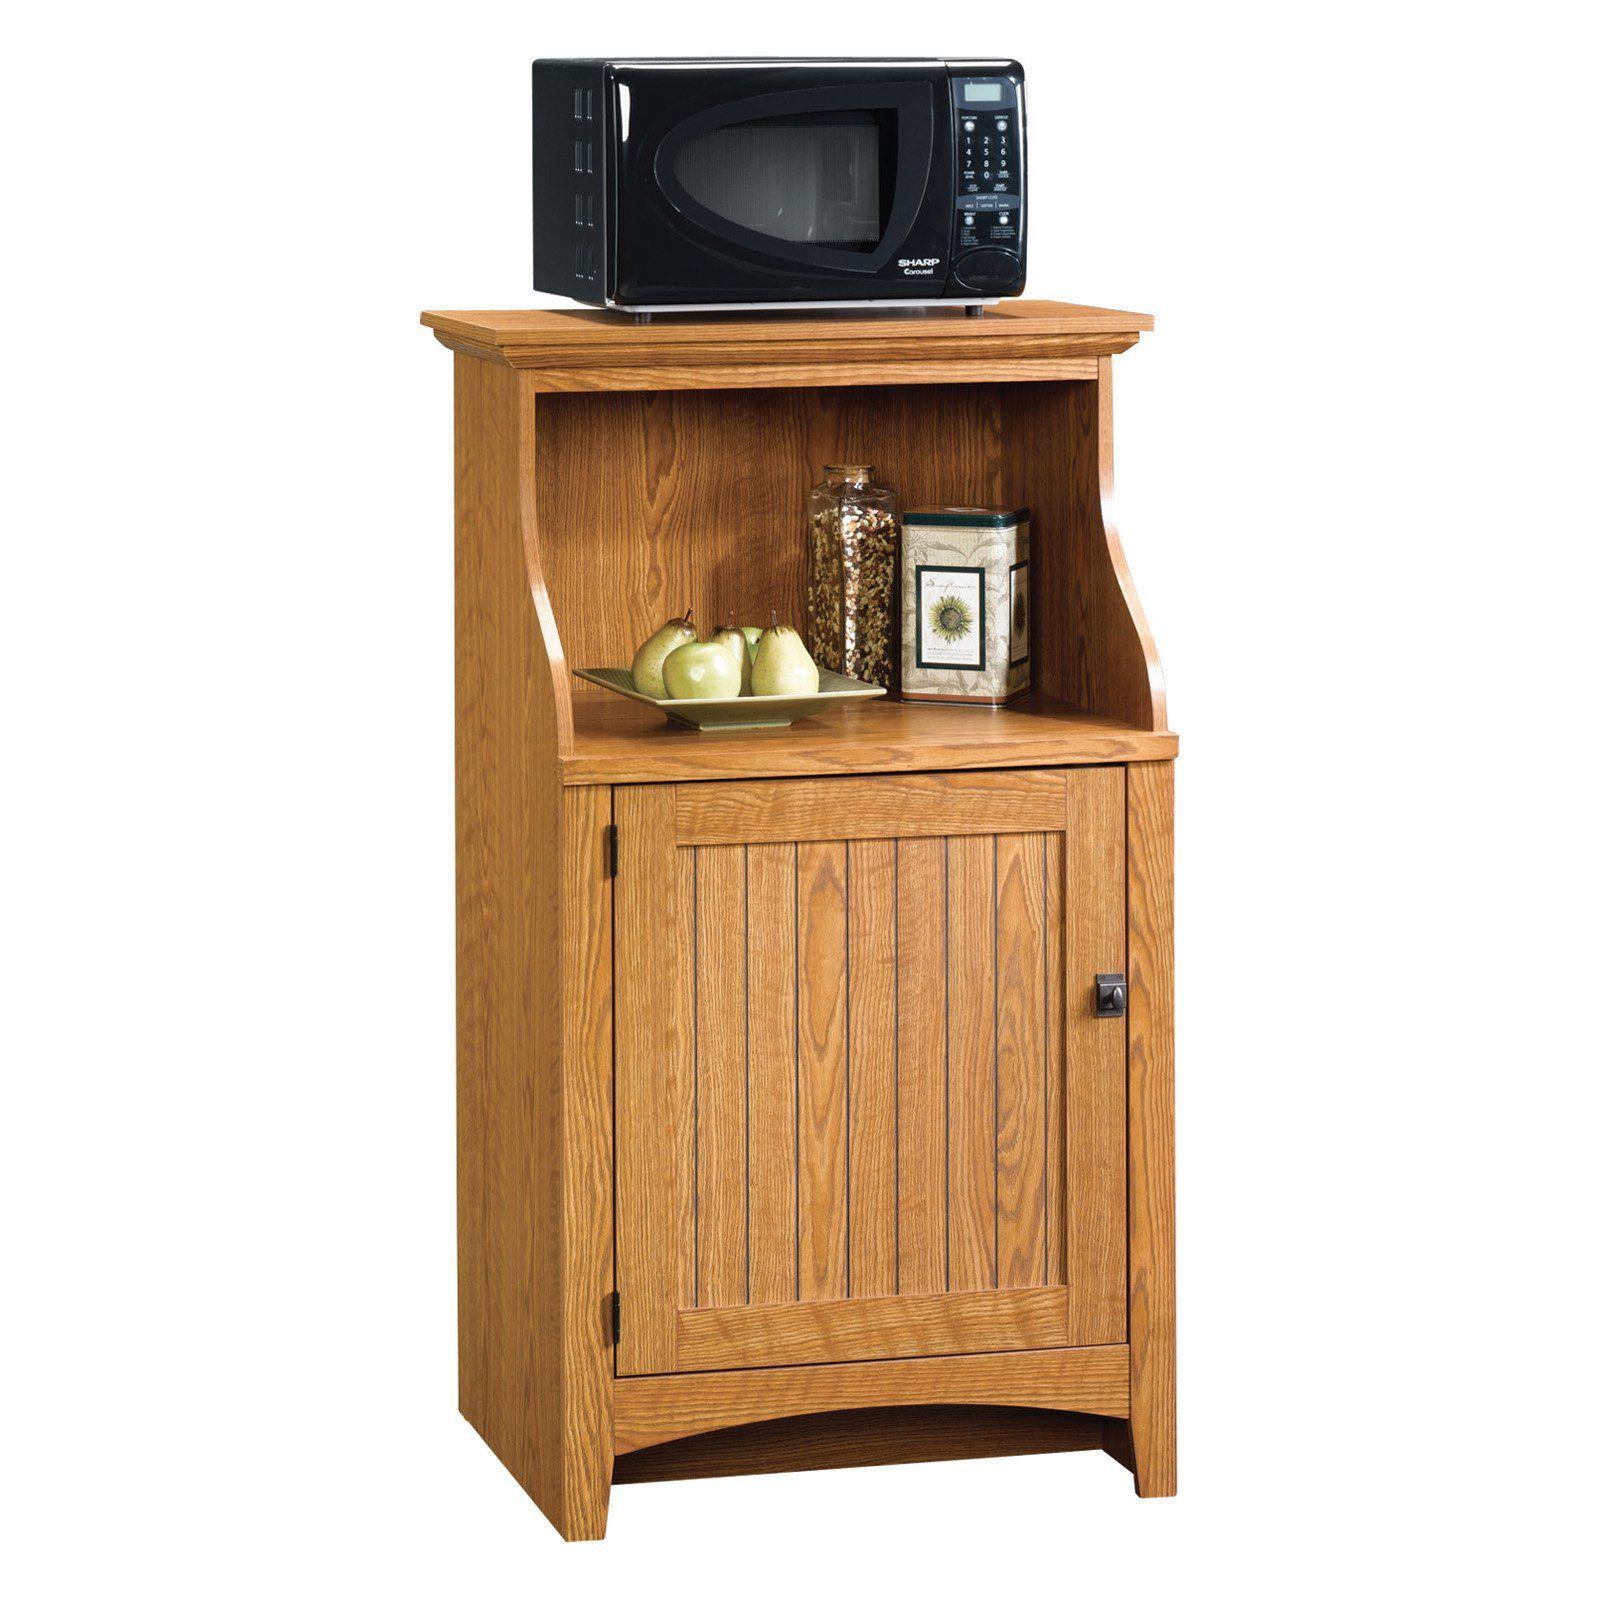 Sauder Summer Home Gourmet Stand Carolina Oak 401902